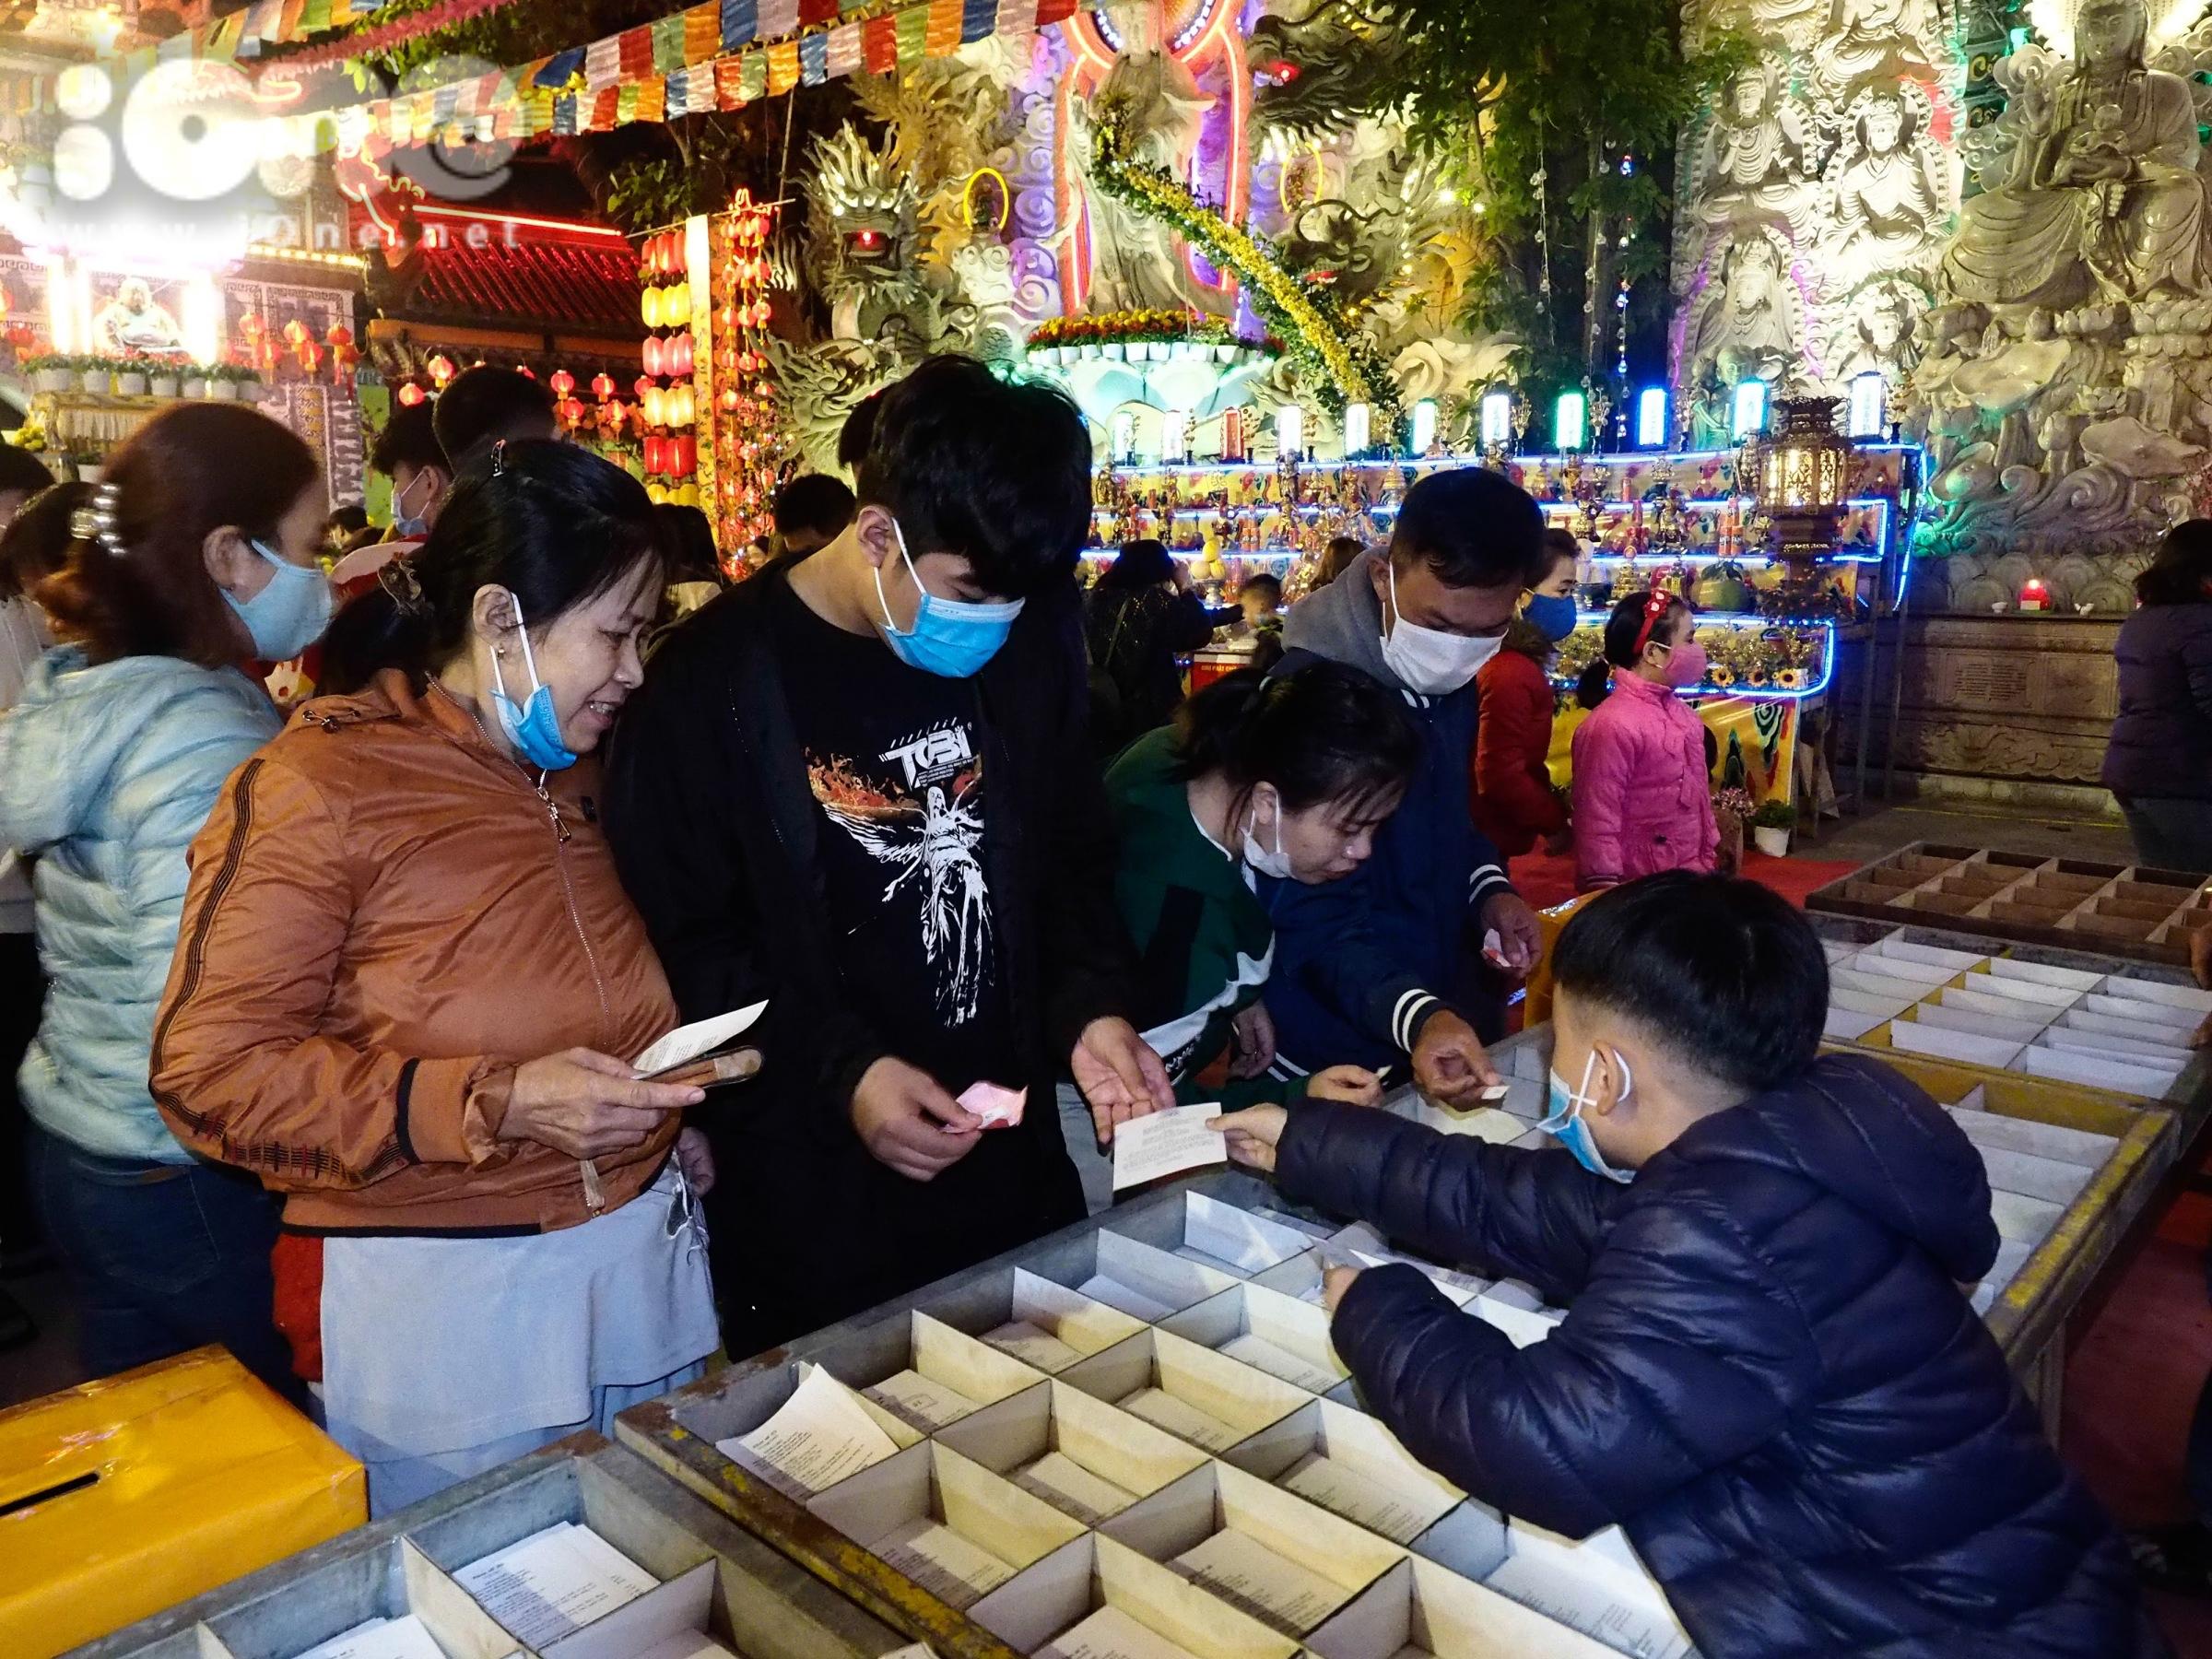 Dịp Tết Âm lịch Tân Sửu 2021, nhiều hoạt động văn hóa, văn nghệ, du lịch dự kiến được tổ chức tại thành phố Đà Nẵng phải tạm dừng do ảnh hưởng của dịch bệnh. Các khu du lịch, khách sạn, resort hoạt động với mức độ phòng chống dịch được nâng cao.